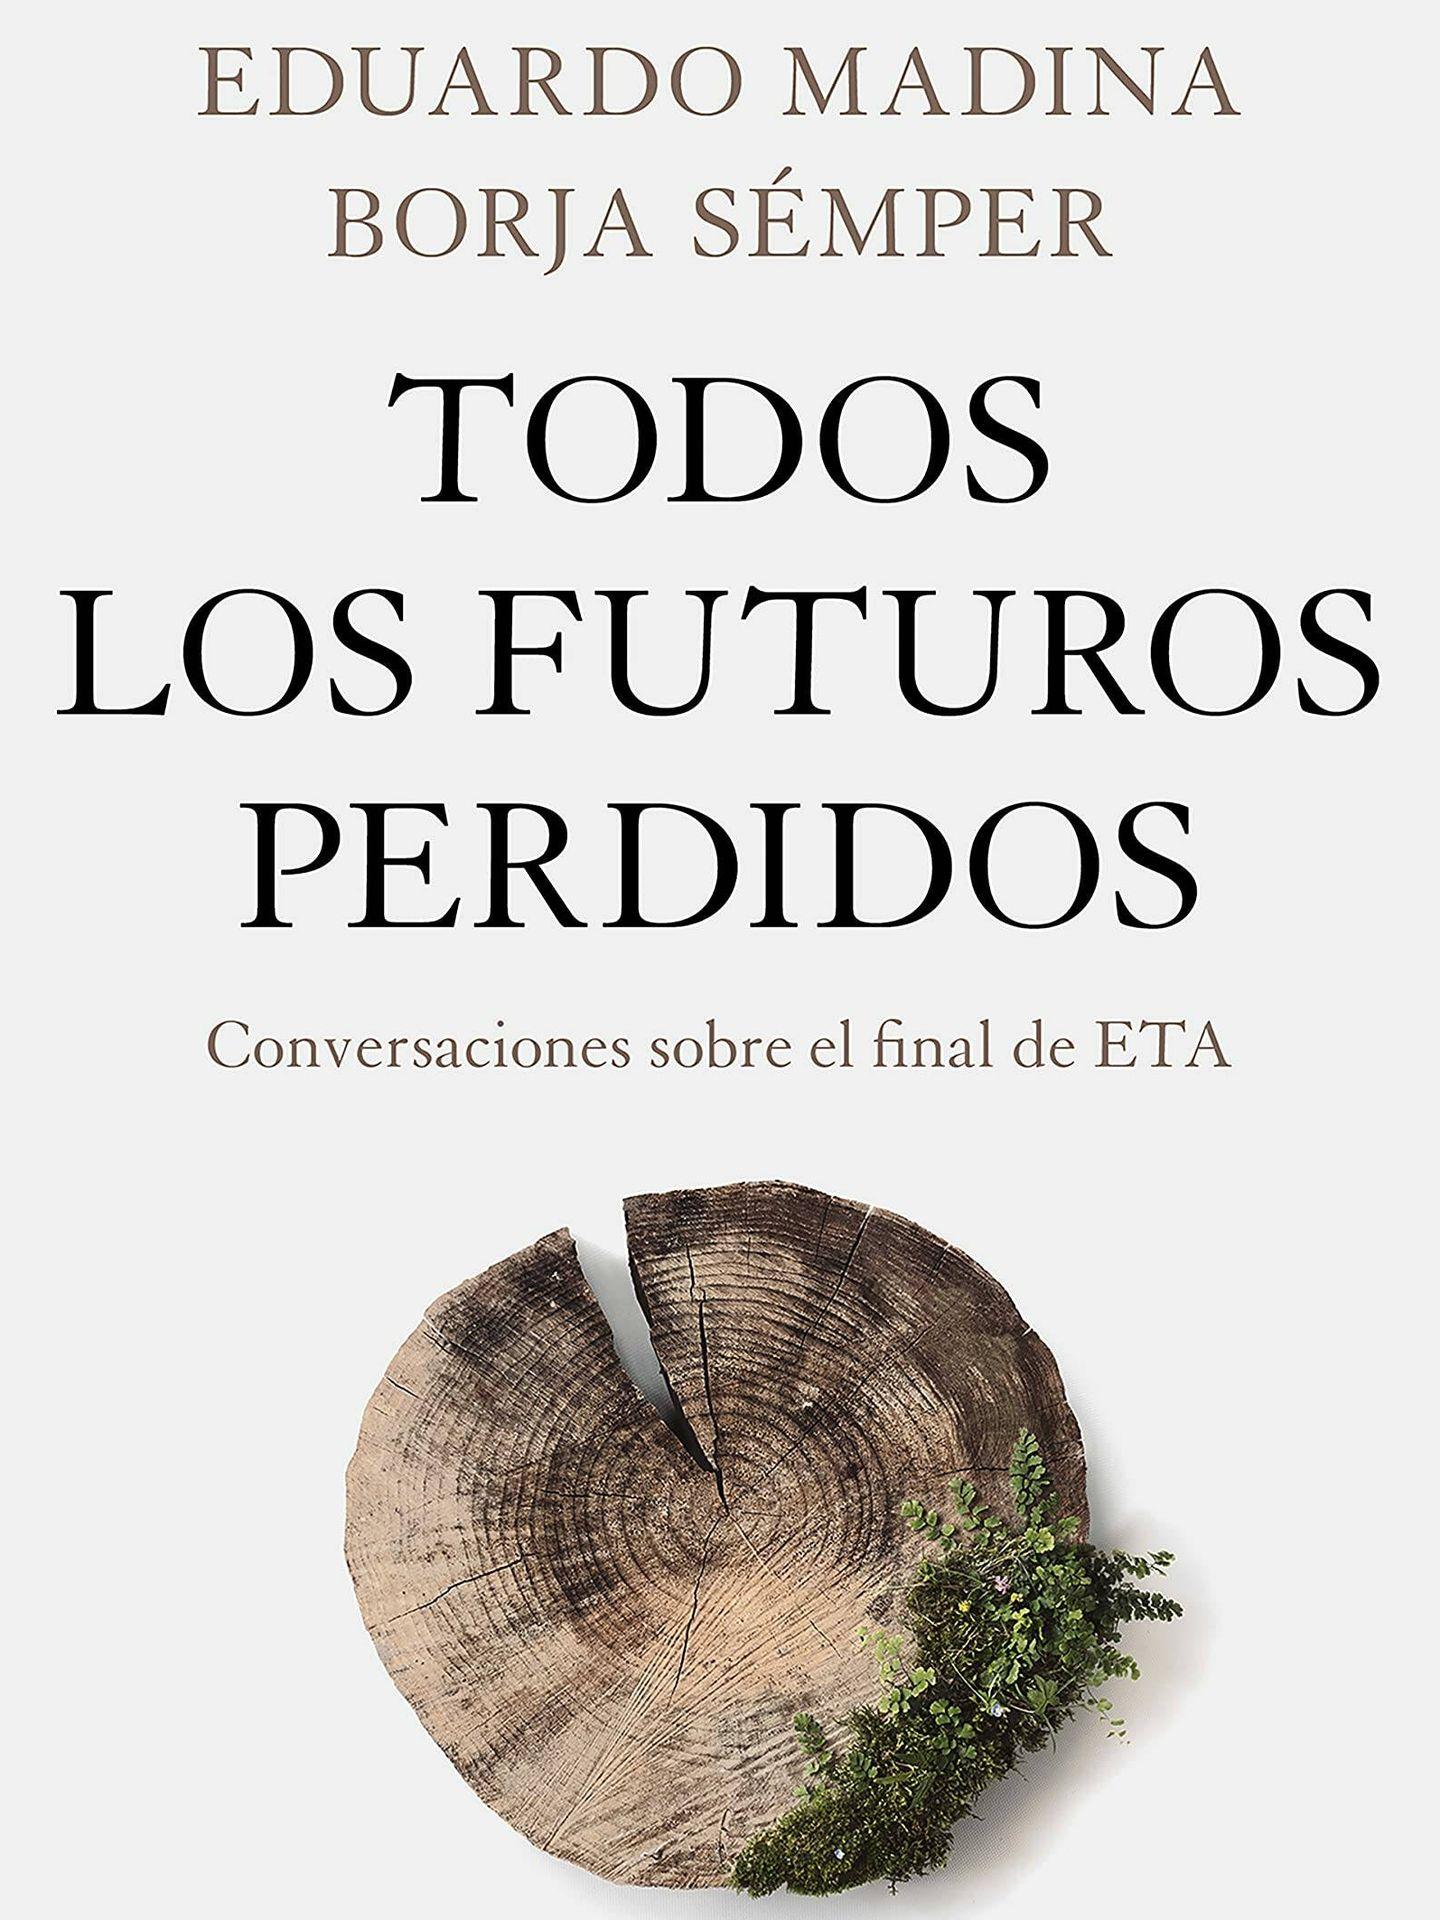 'Todos los futuros perdidos' (Plaza & Janés)